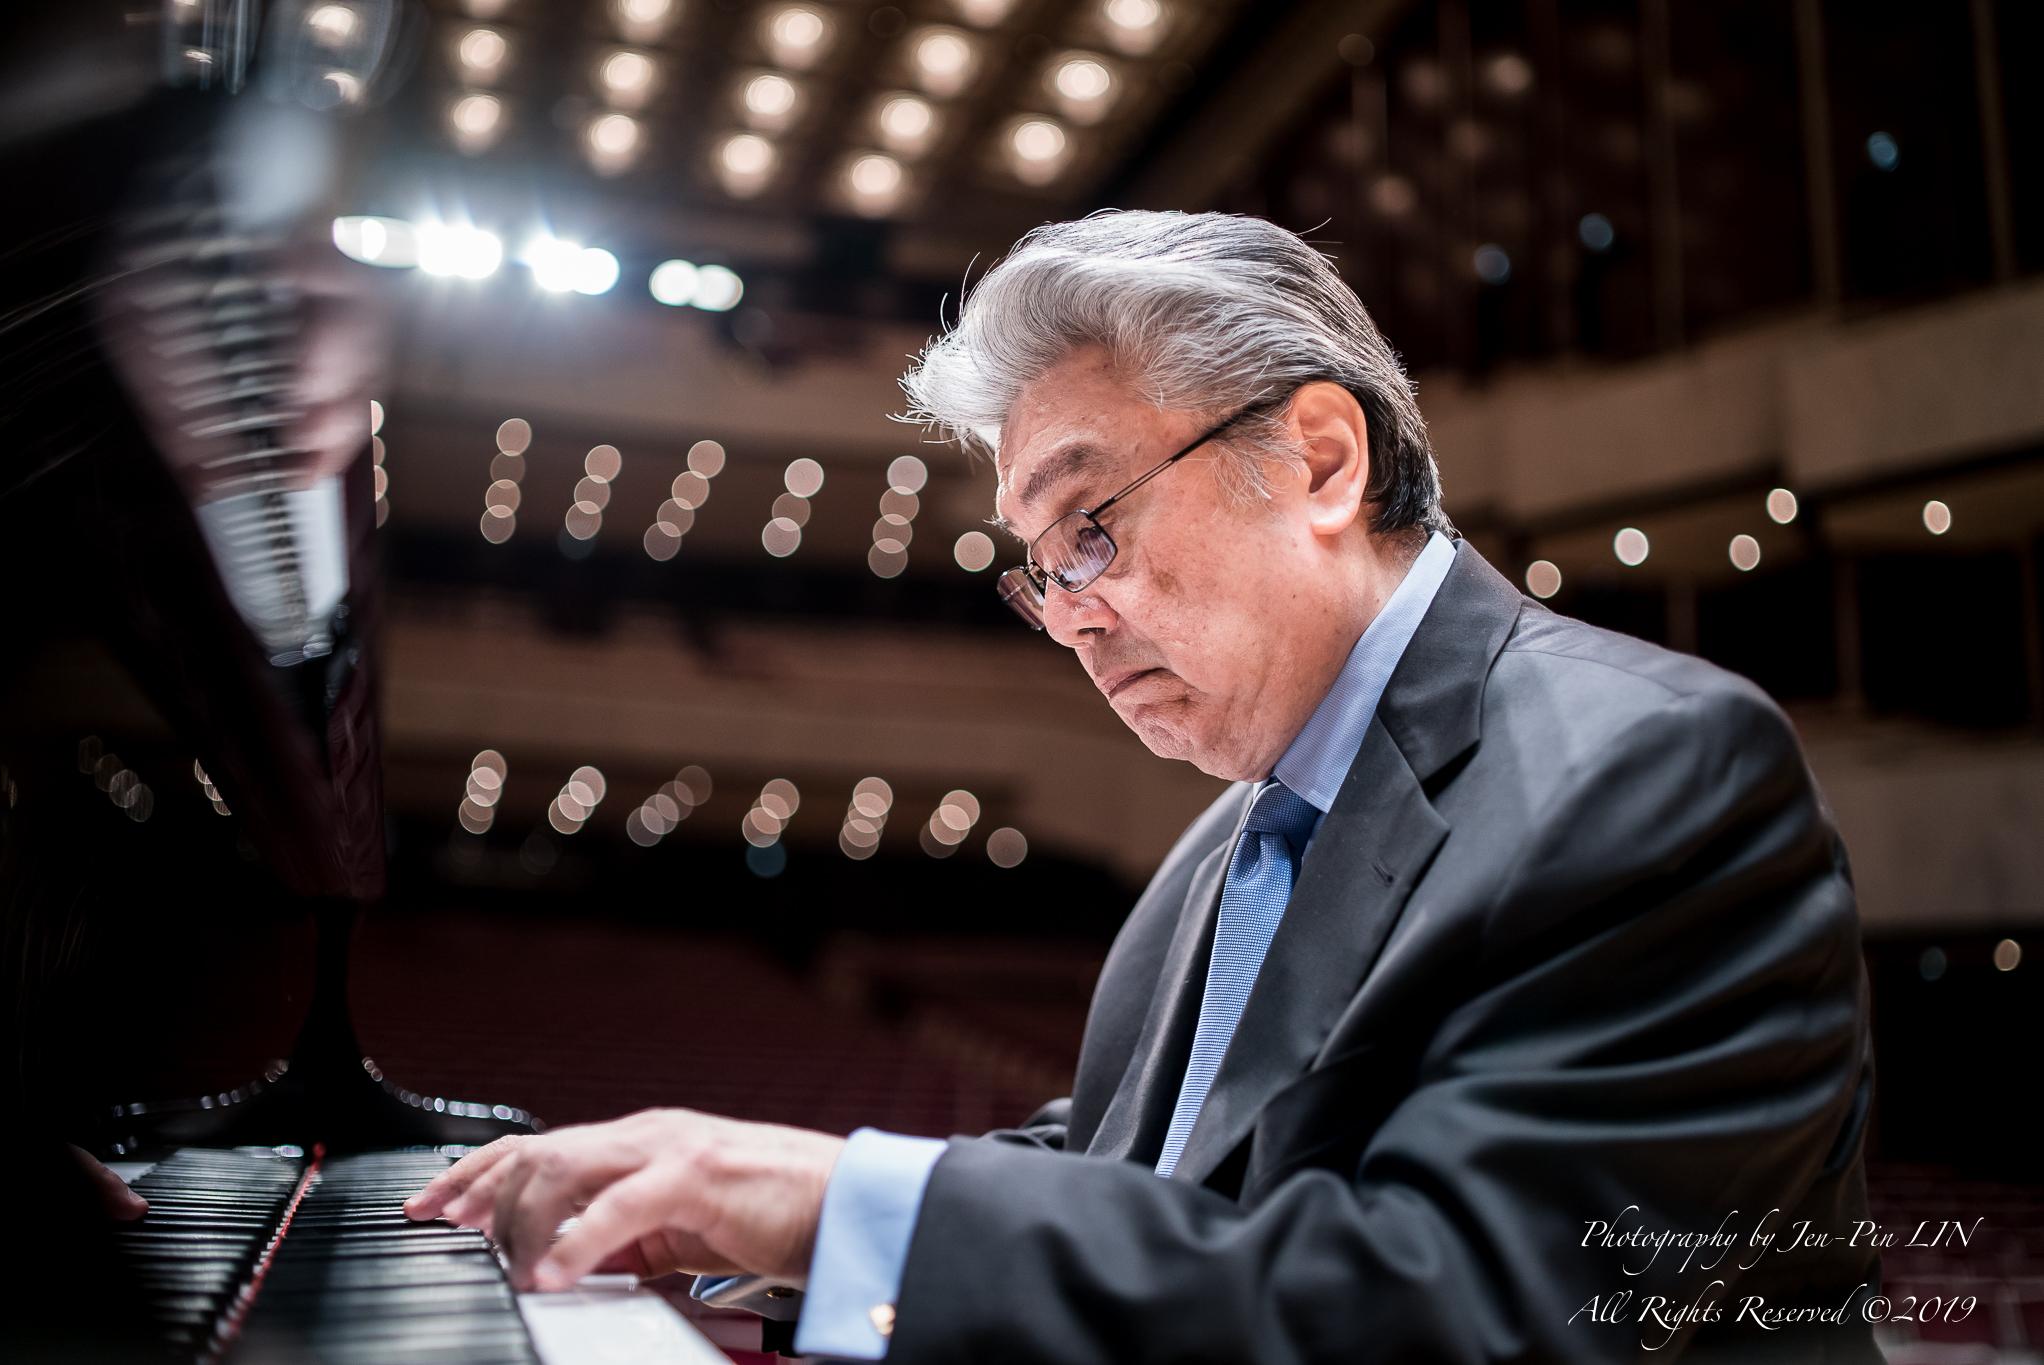 6月20日(六) 歐普思室內樂集《宋P說故事音樂會——帶您認識維也納時期的貝多芬》